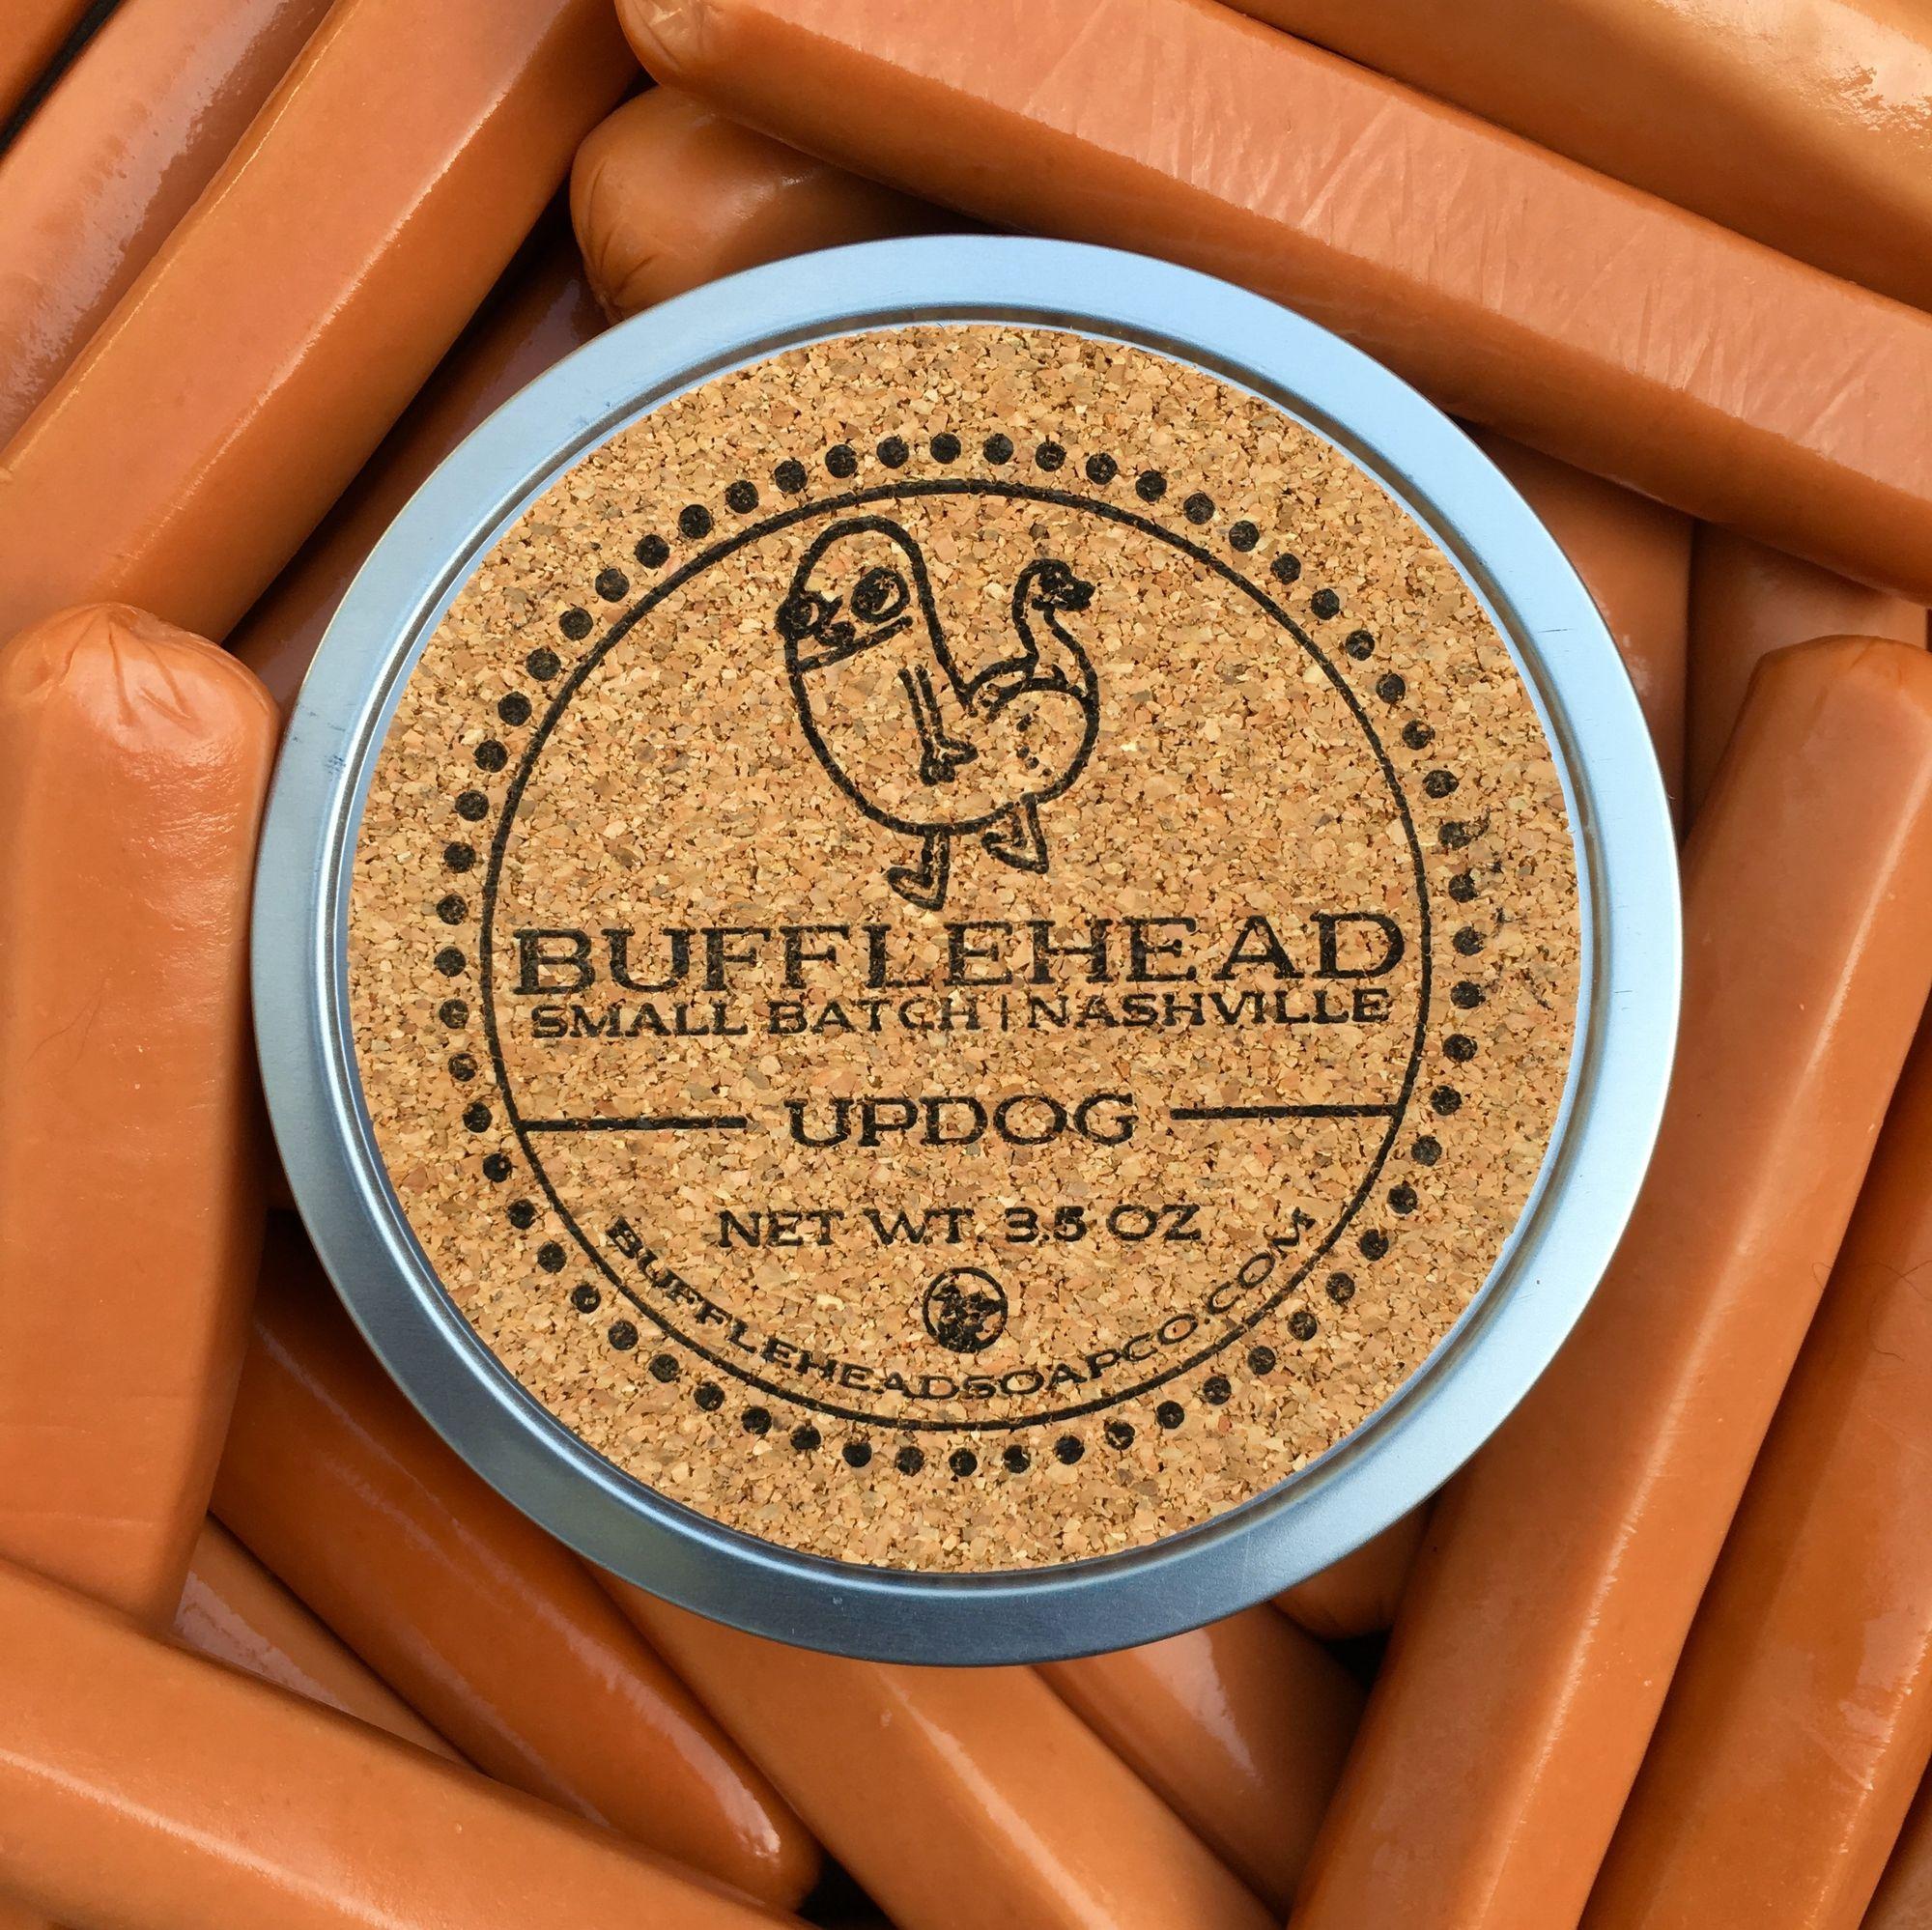 Bufflehead Soap Co. - Updog - Soap image